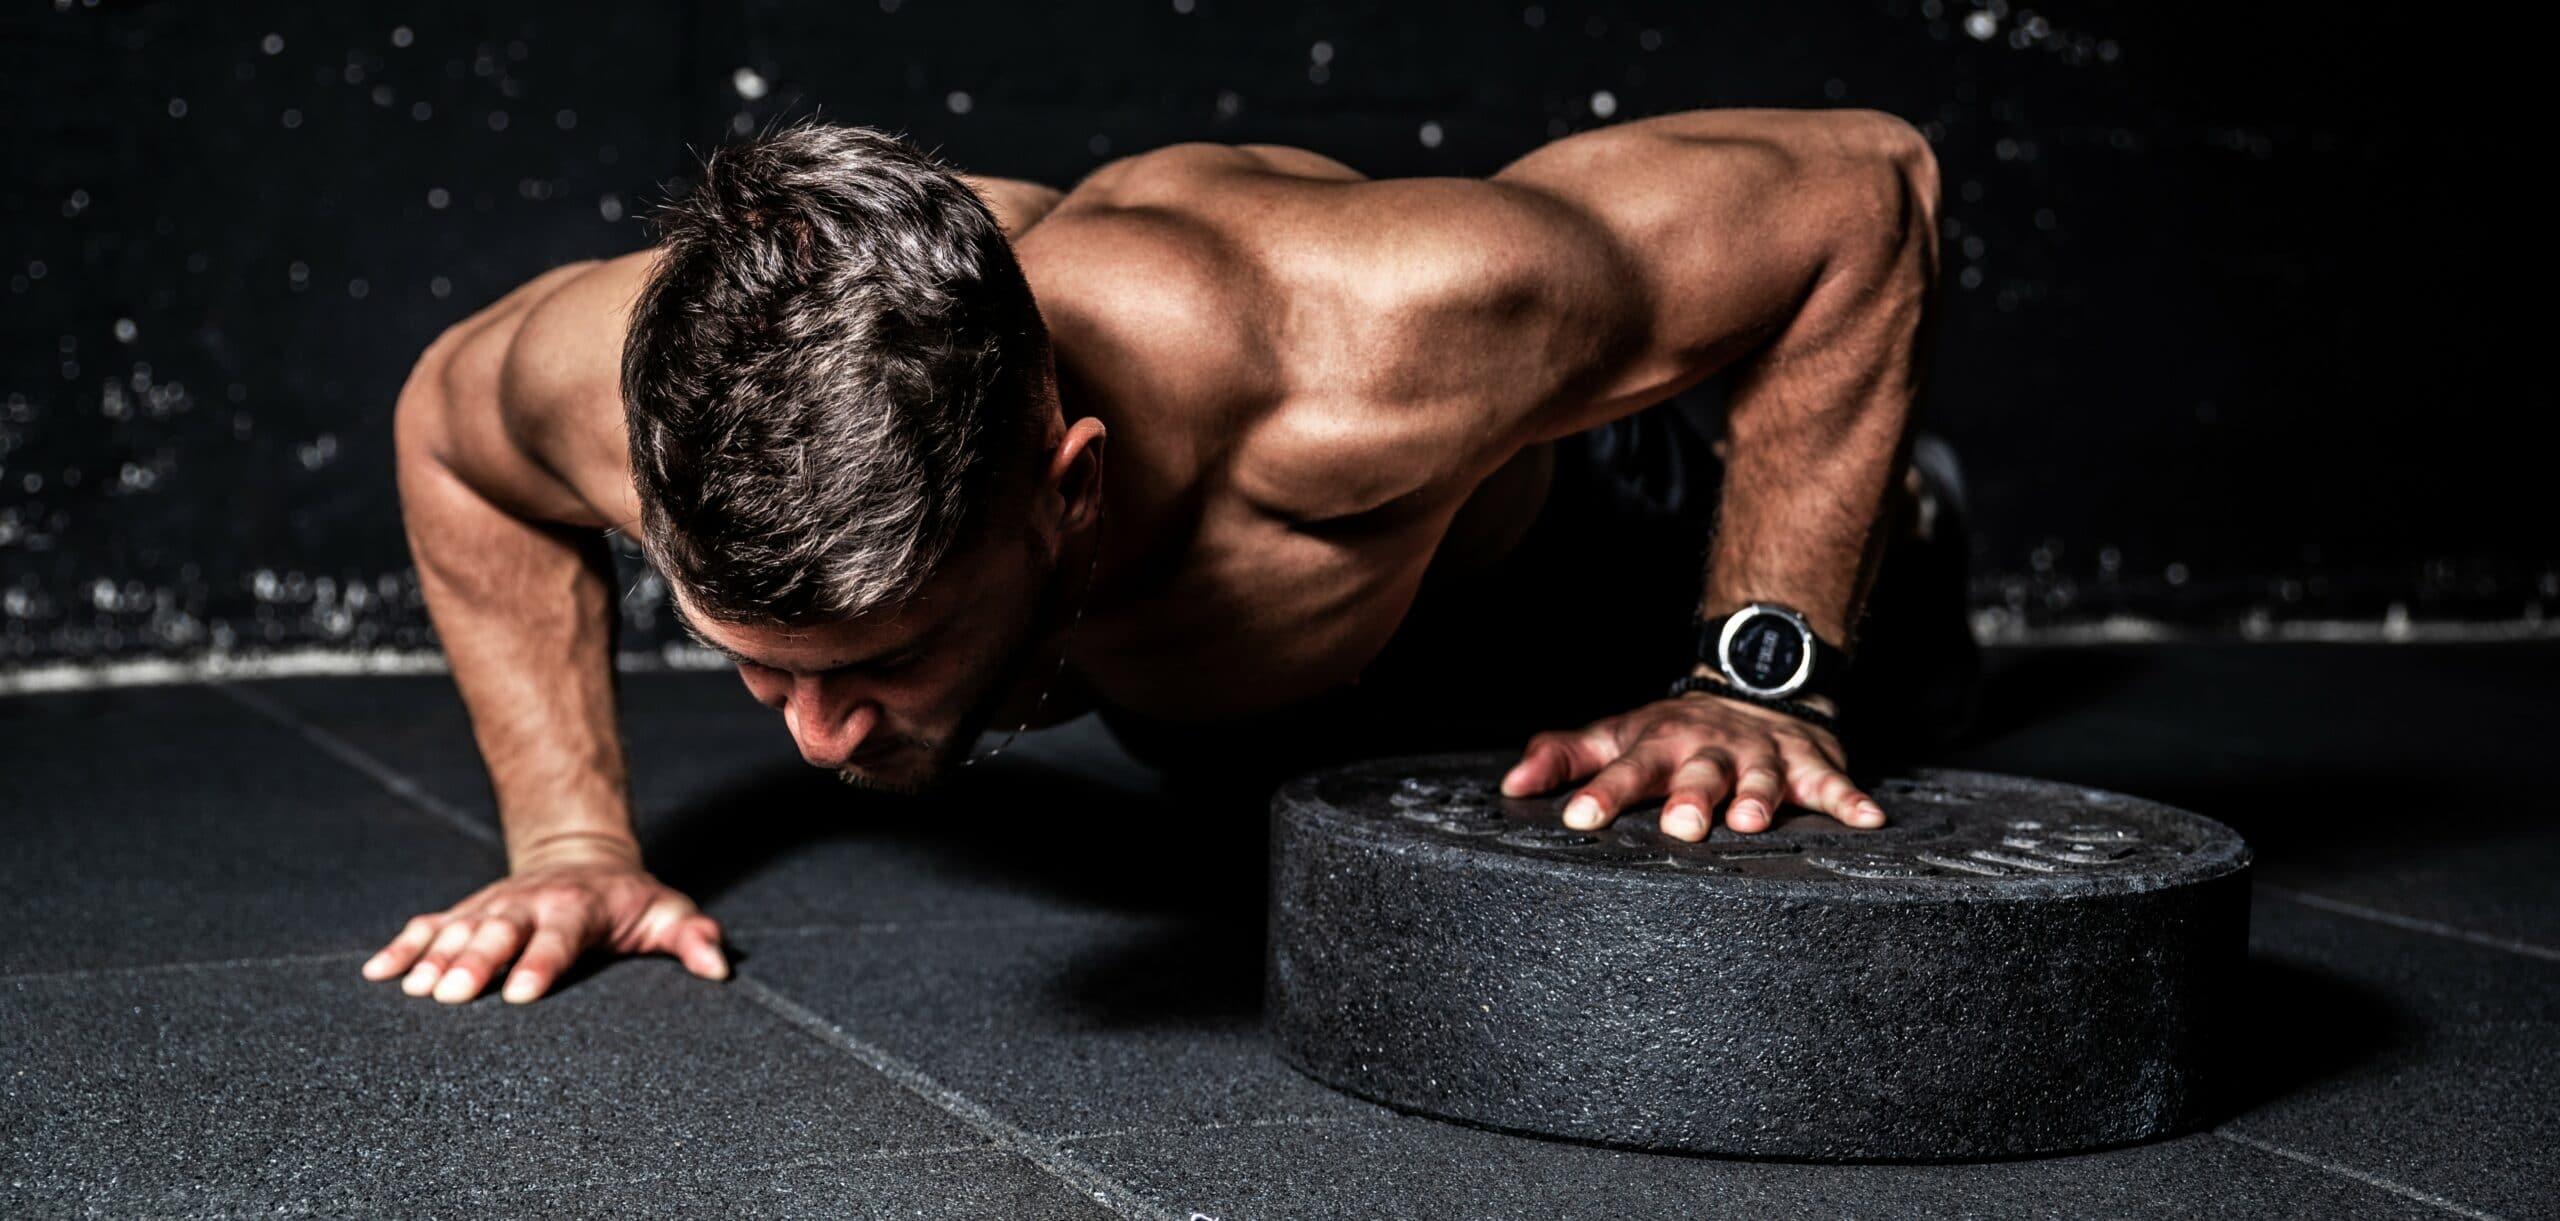 allenamento in palestra e reset metabolico